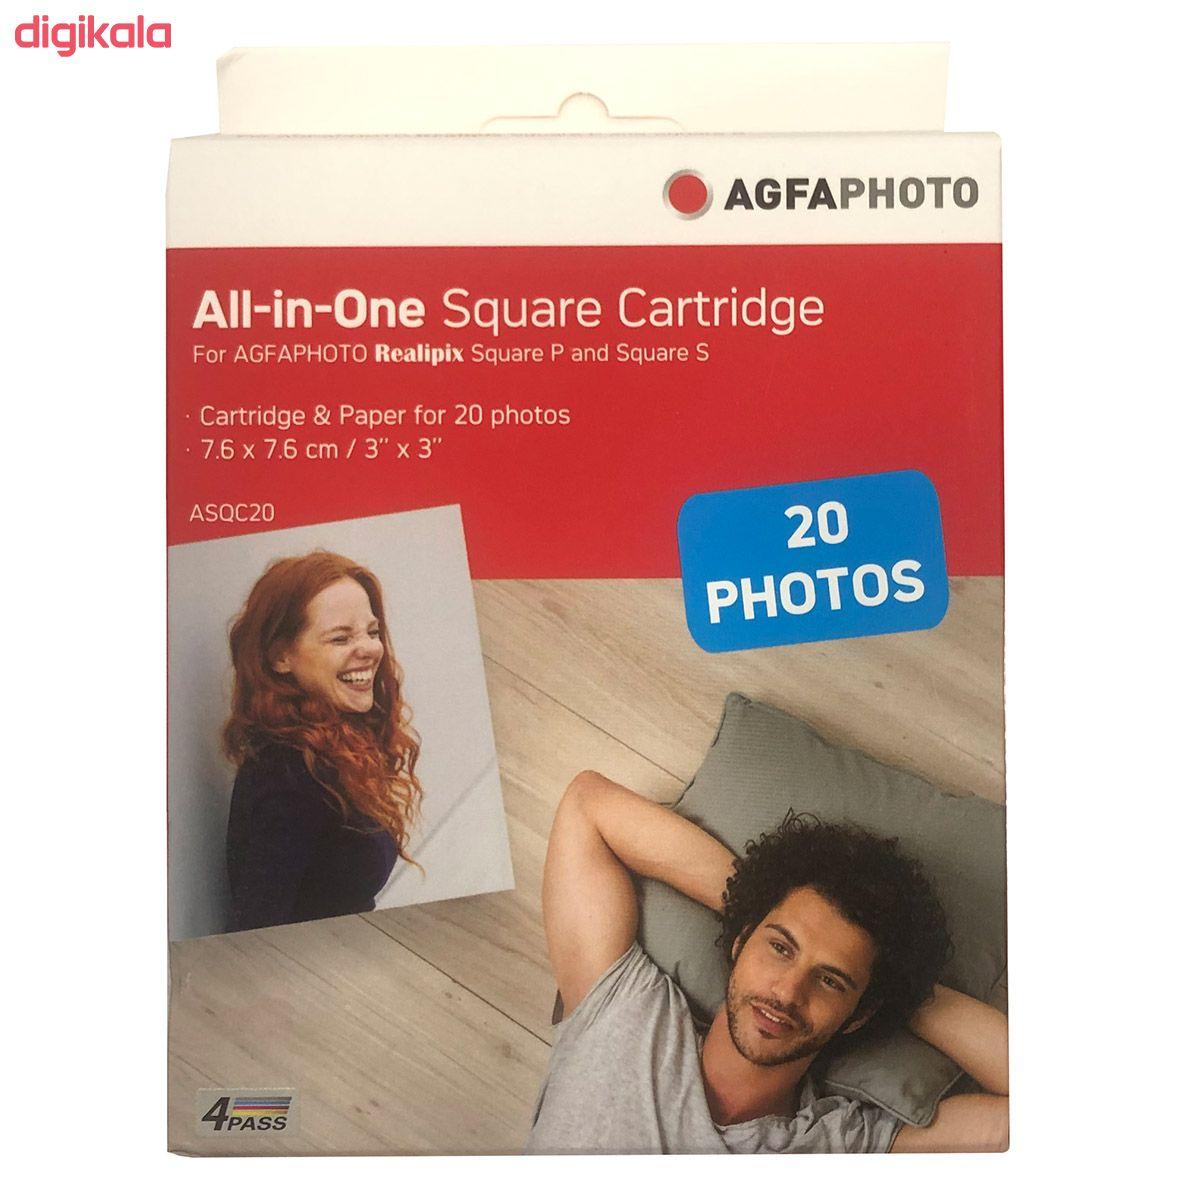 کاغذ چاپ عکس گلاسه آگفافوتو مدل Realipix Square S ASQC20 سایز 7.6x7.6 سانتی متر بسته 20 عددی main 1 1